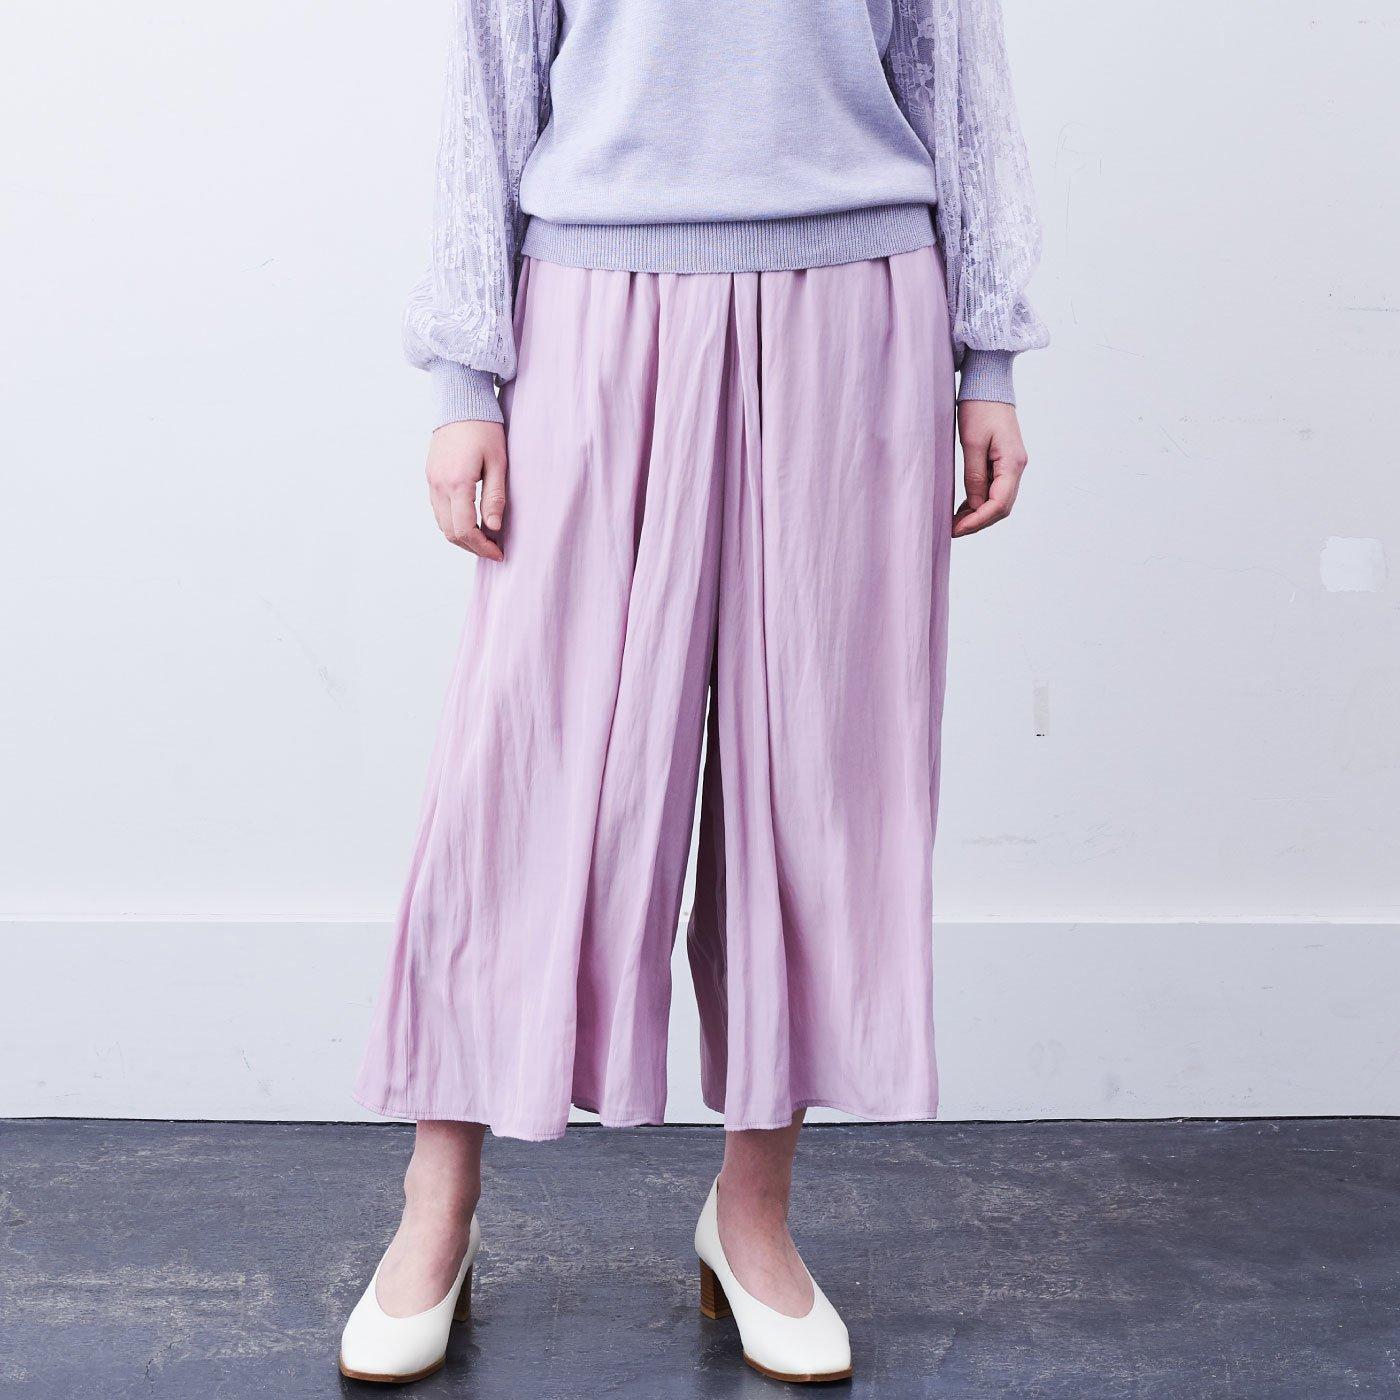 【WEB限定】IEDIT[イディット] トレンドカラーでふわりひらりコーデが華やぐ クルっとペチパンツ付きスカーチョ〈ライトピンク〉